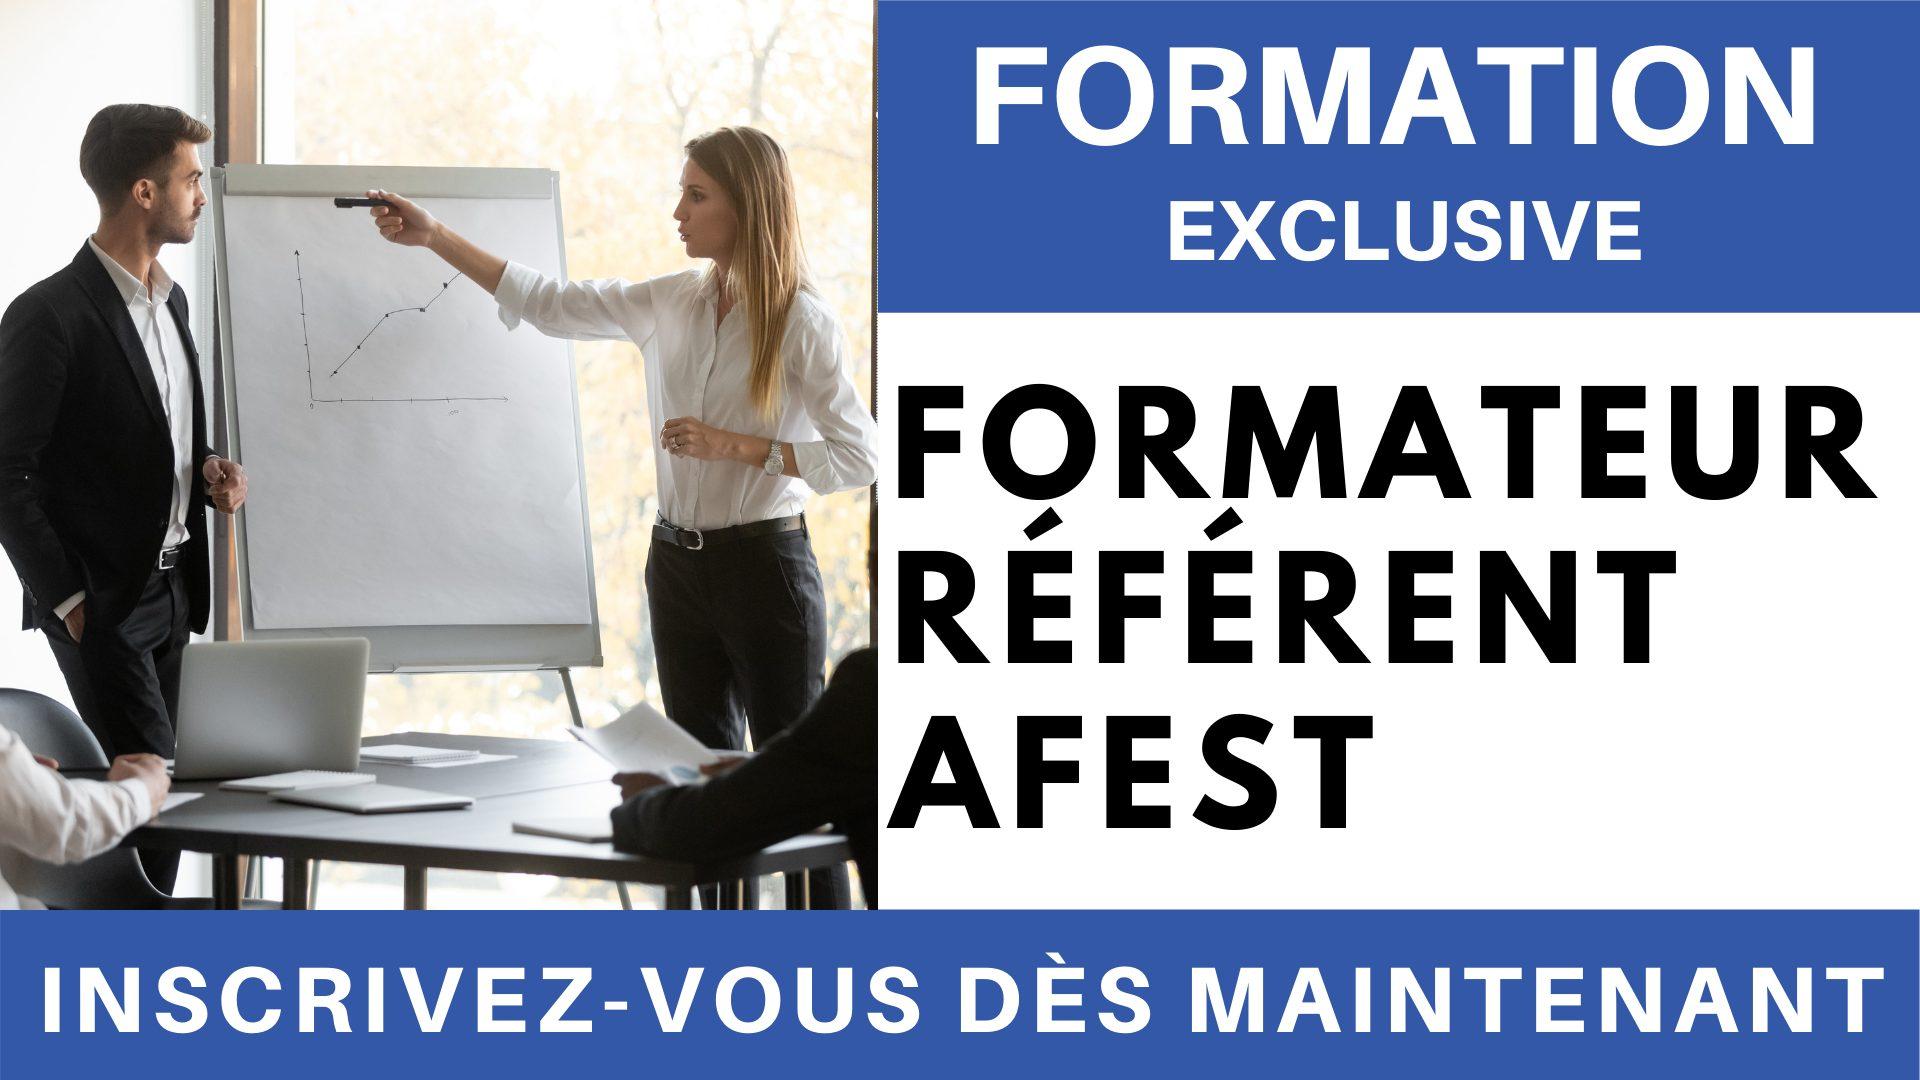 Formation Exclusive - Formateur Formateur Référent AFEST